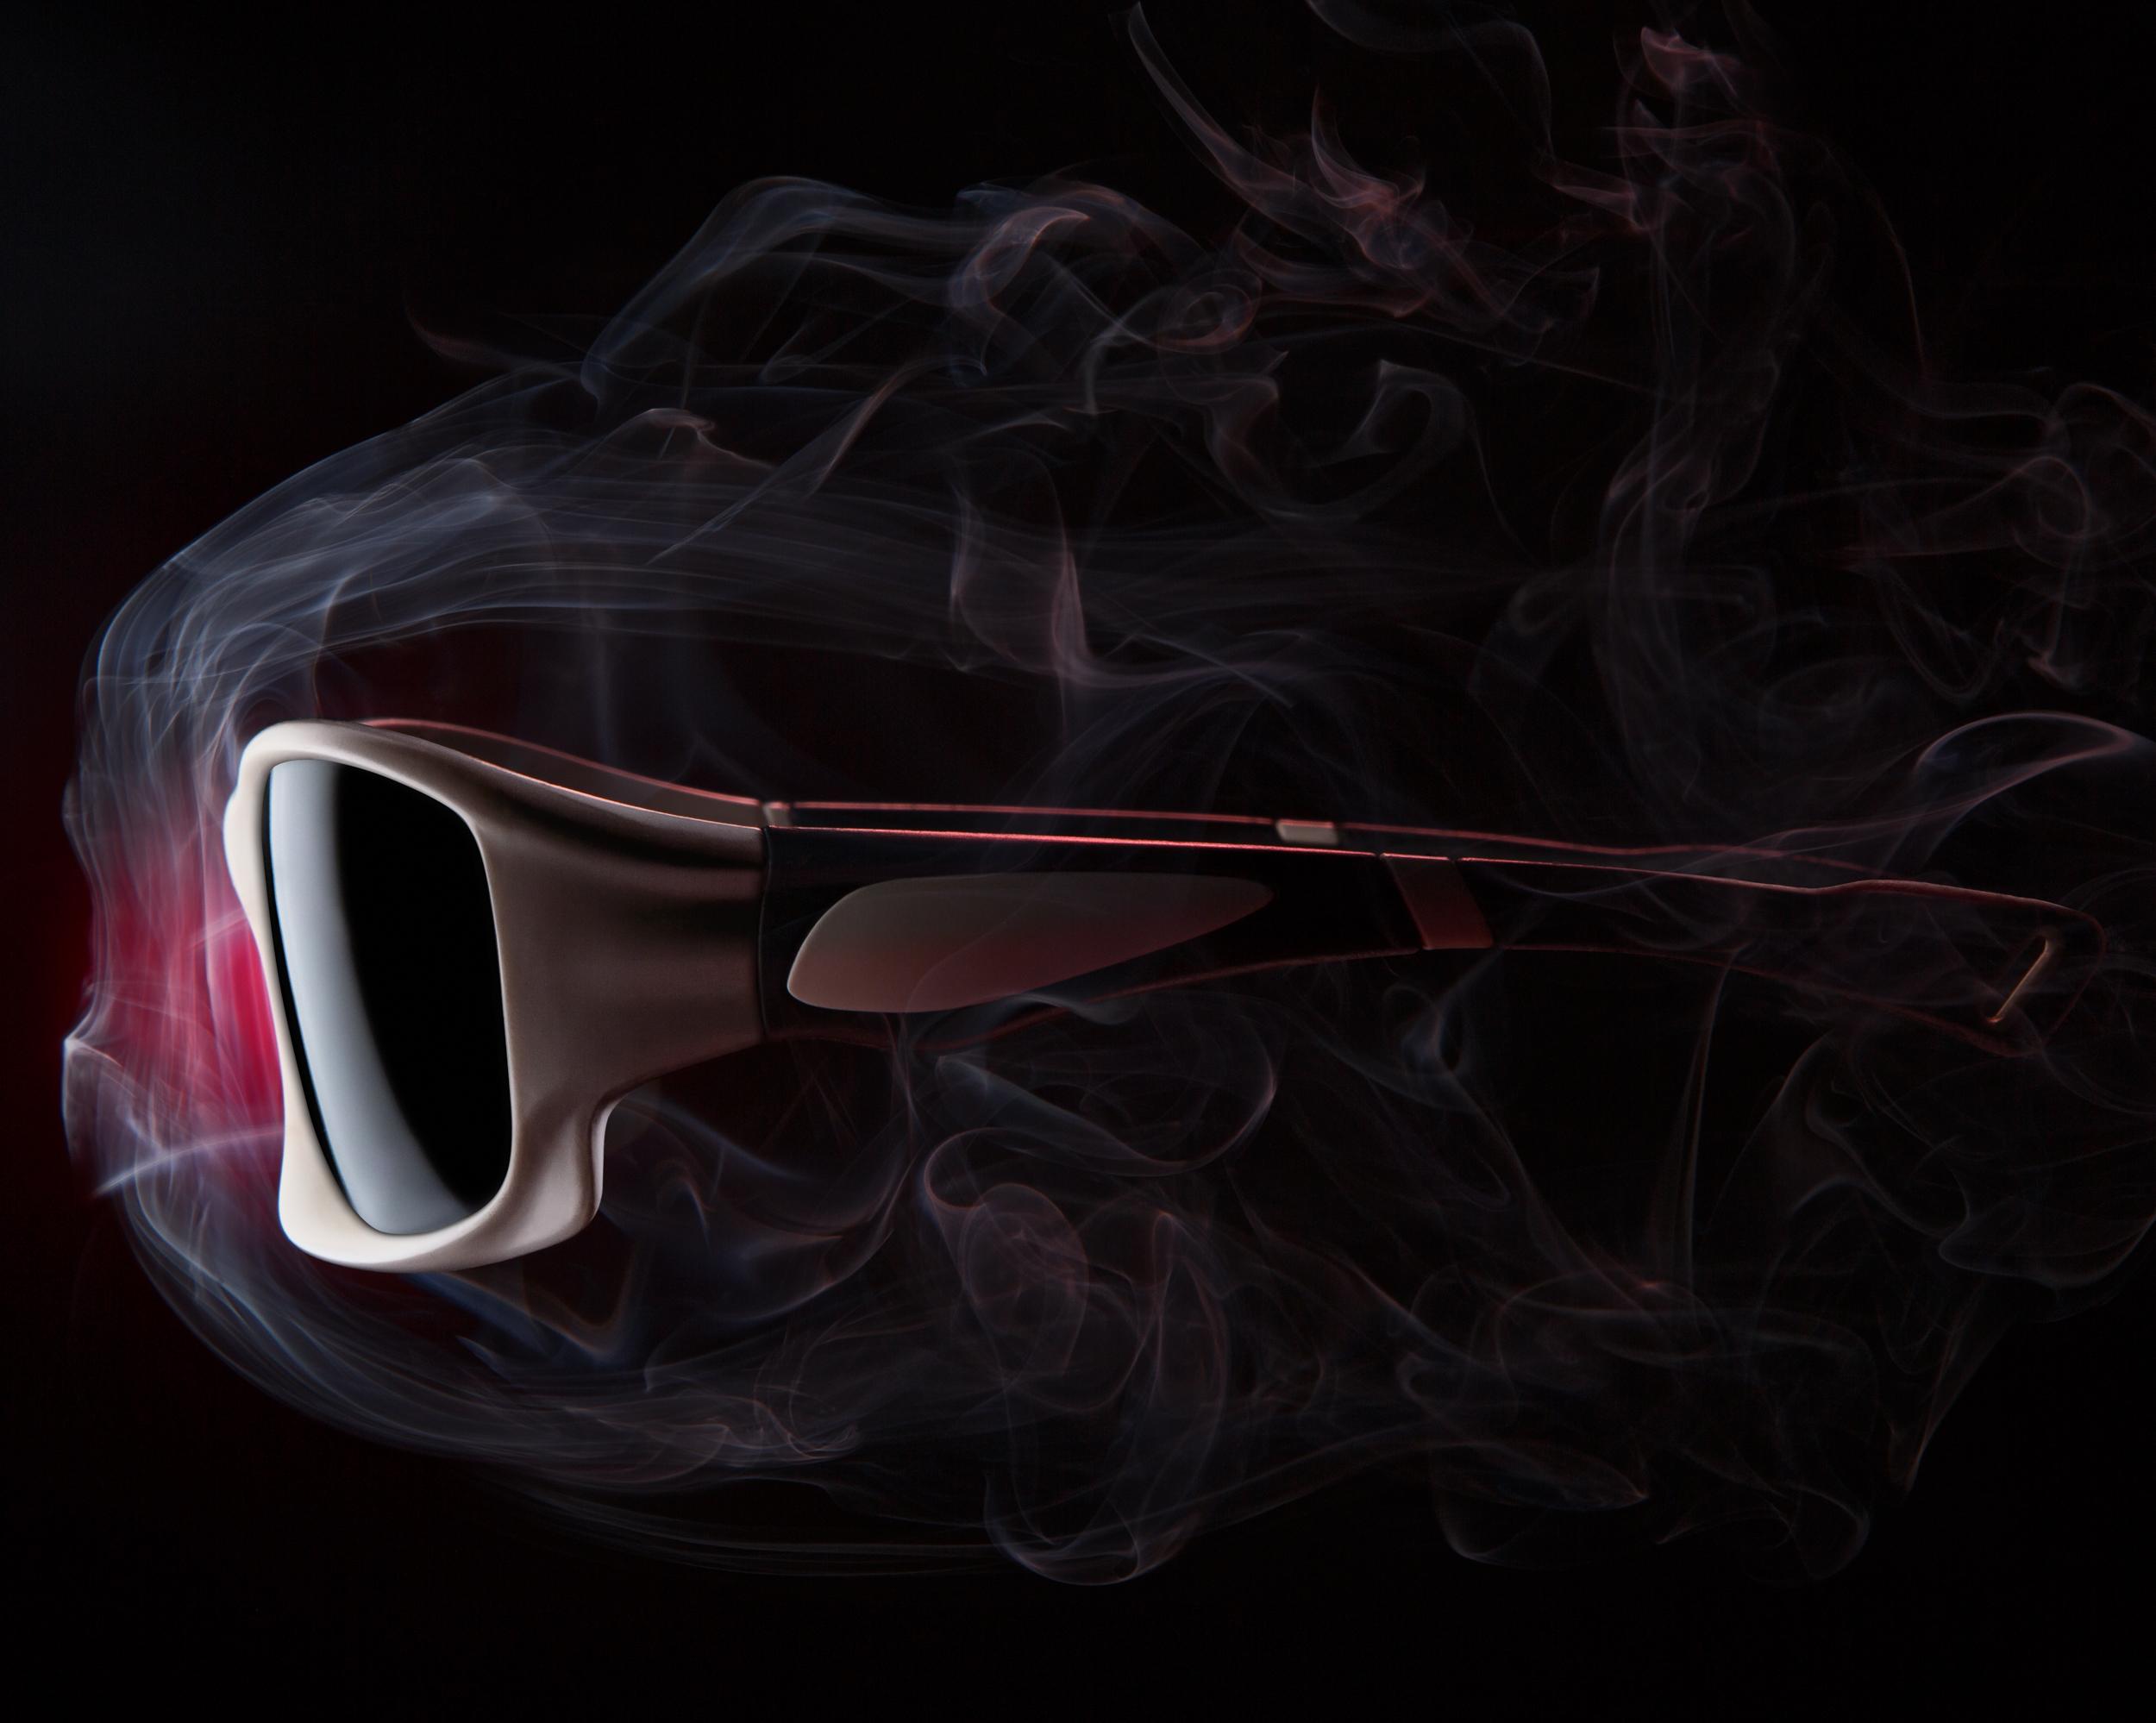 2015-08-29_Sunglasses-335_RT.jpg